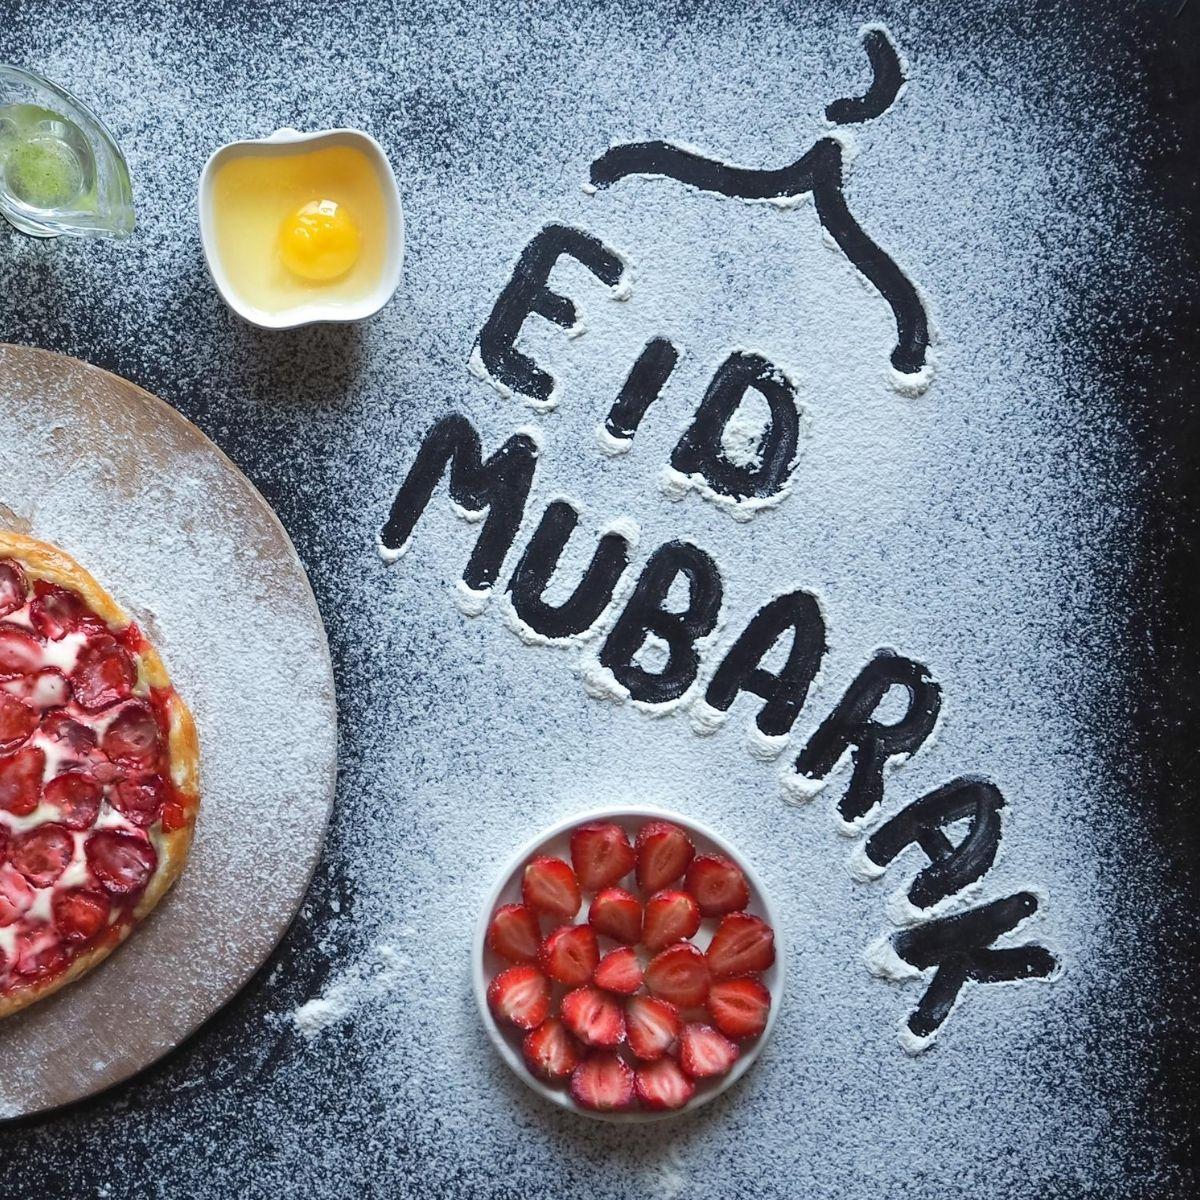 Eid mubarak writing on flour